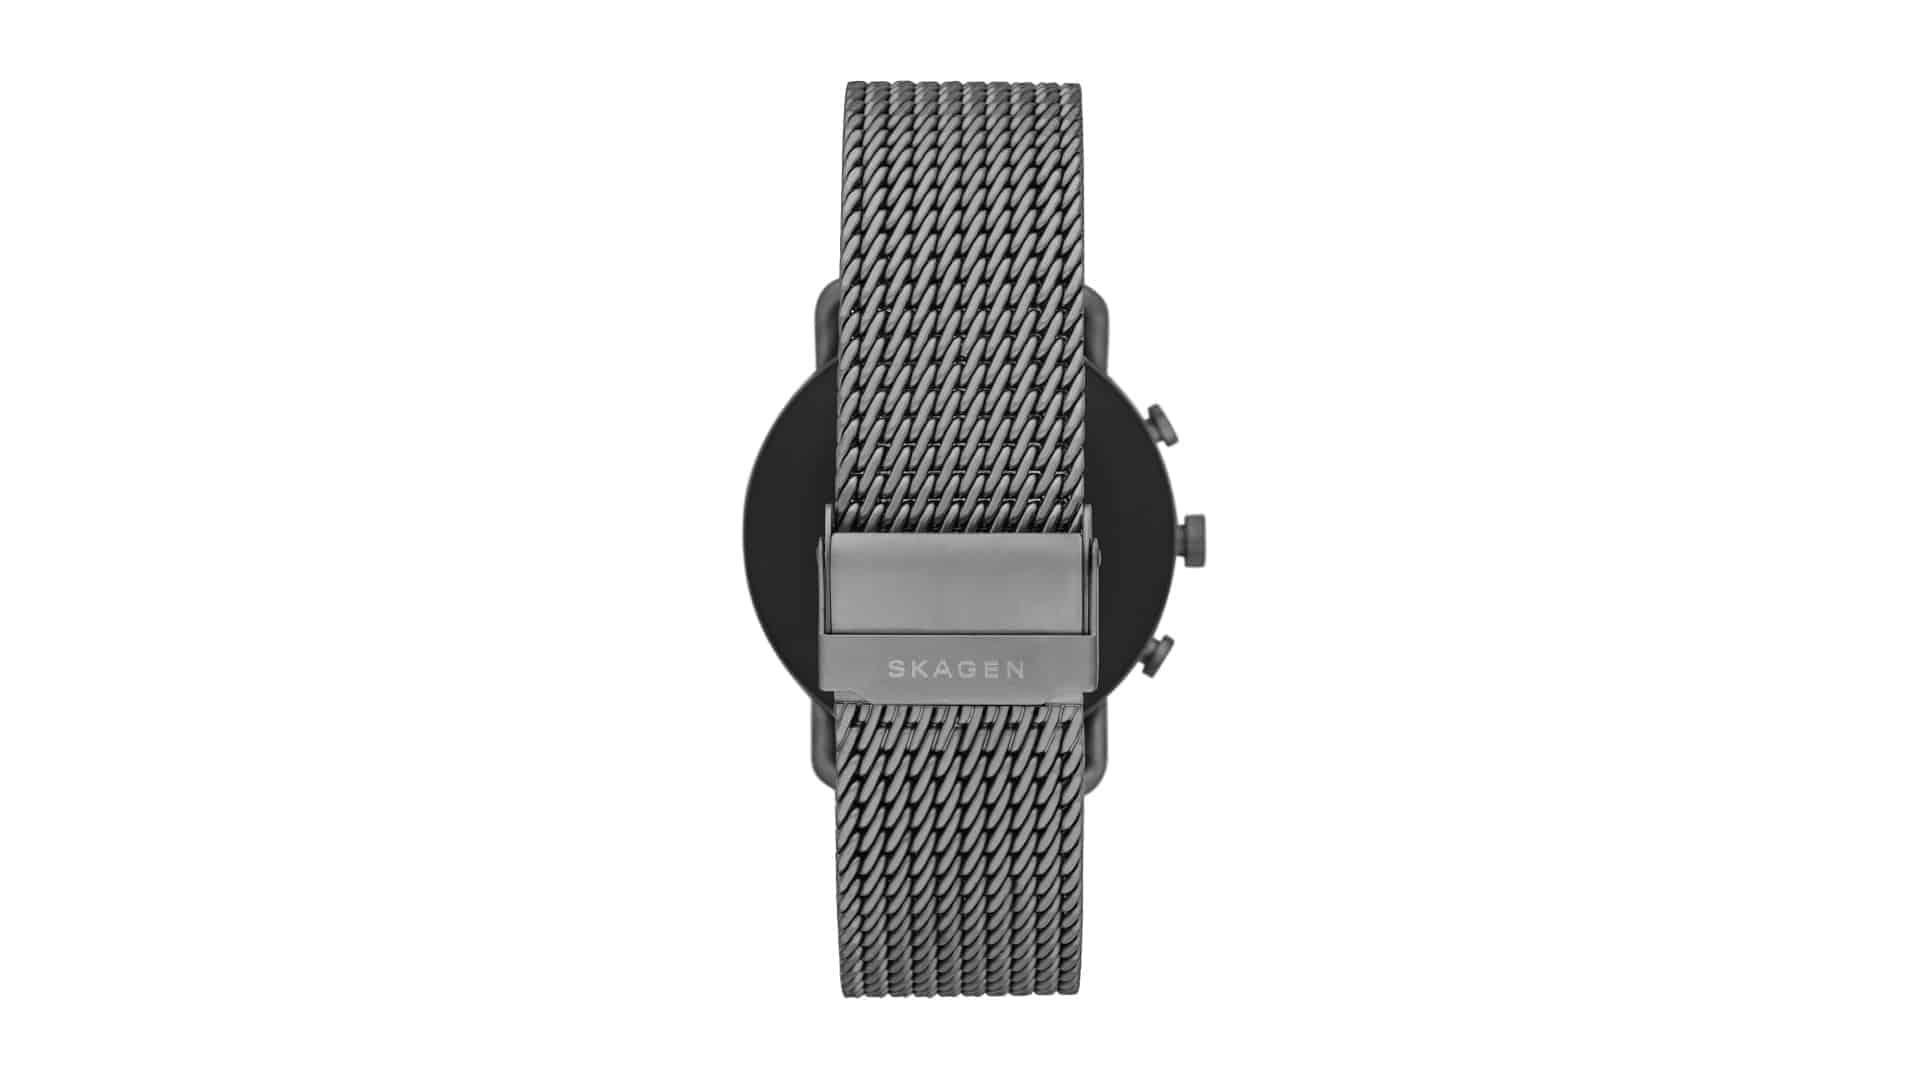 SKAGEN Falster 3 Wear OS Watch 7